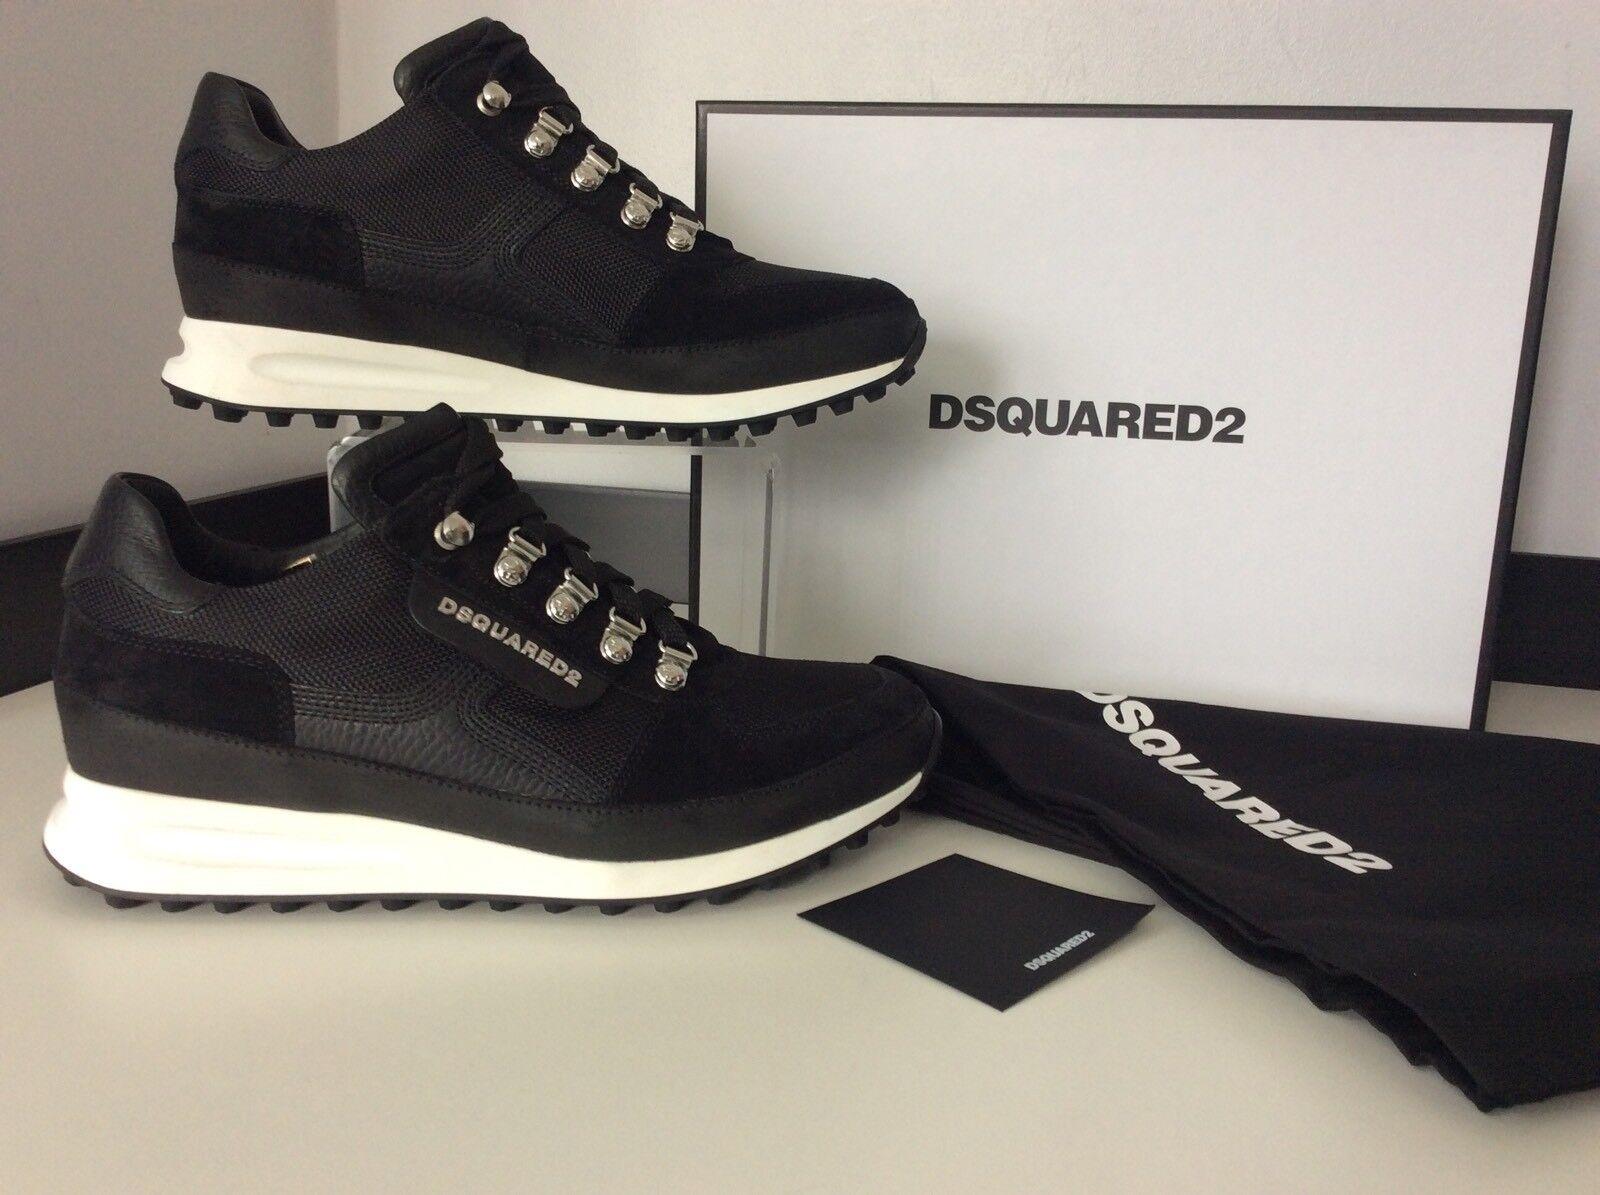 DSQUArojo 2 Ds2 Para hombre Zapatillas, corrojoores, Zapatillas Eu39, Negro Y blancoo Nuevo